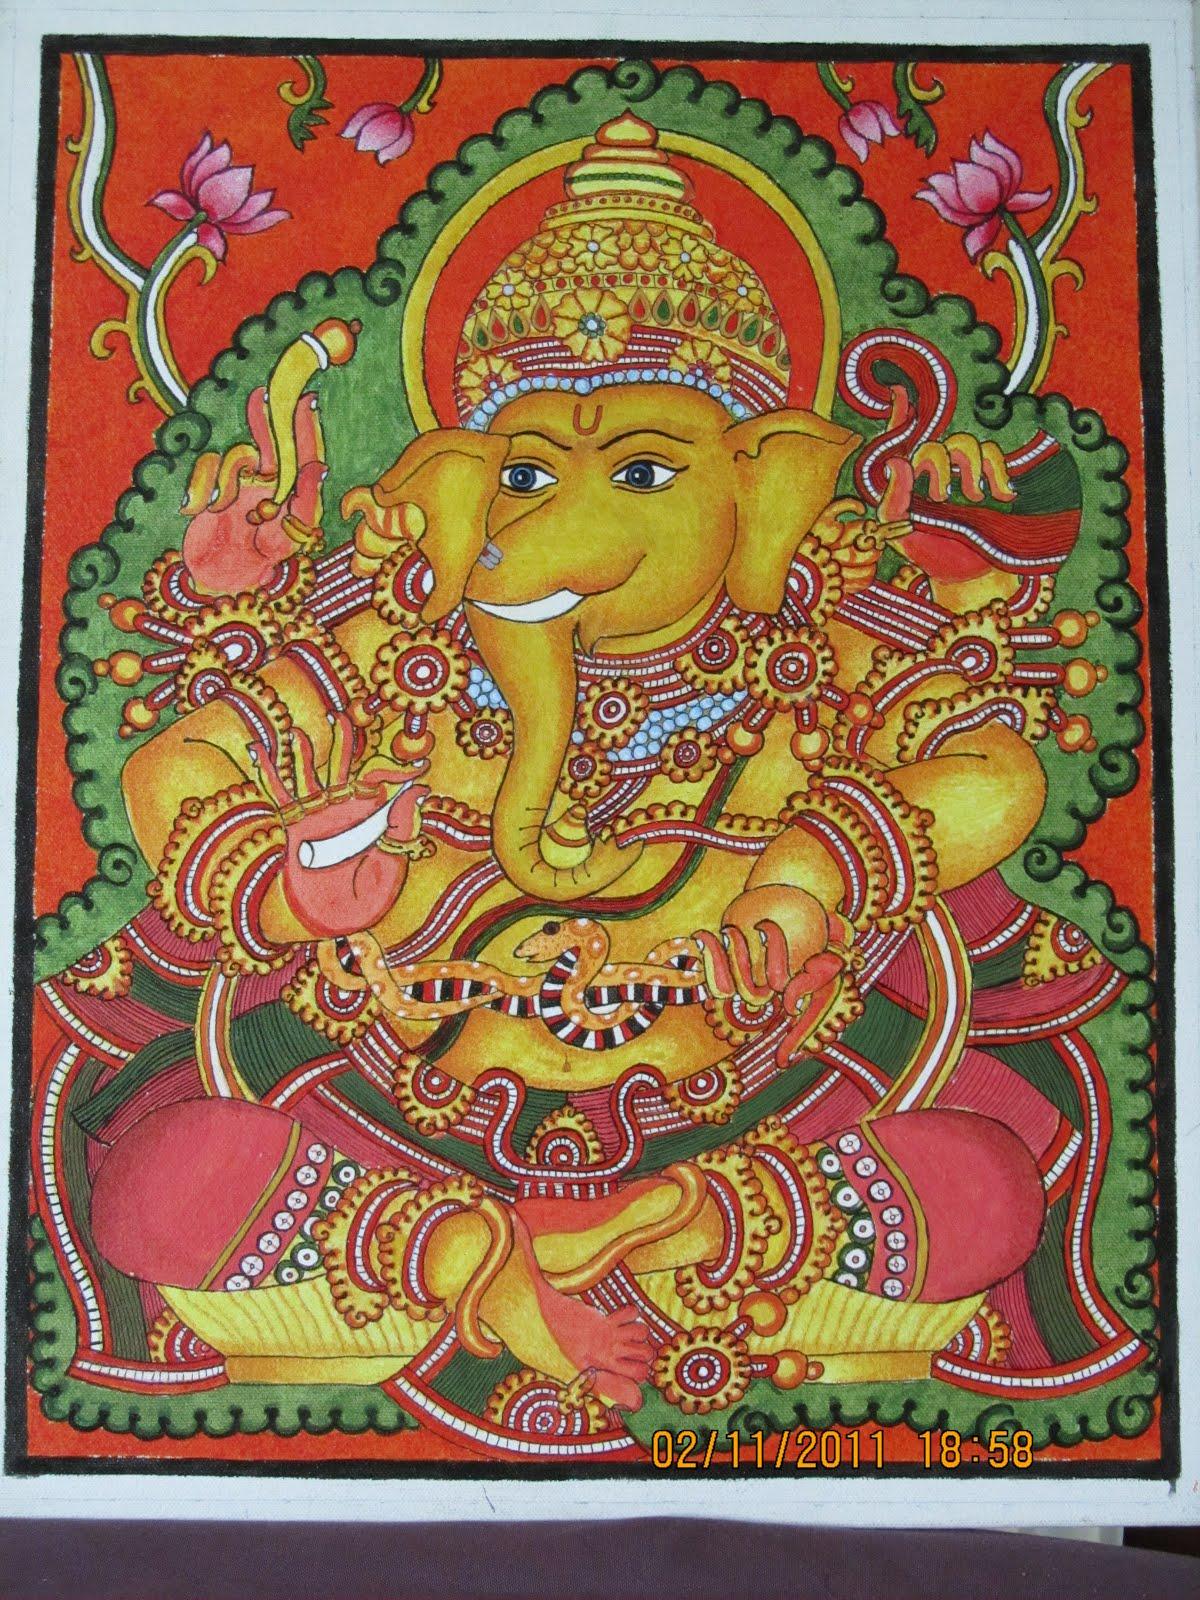 Binchi soulsearch february 2012 for Mural ganesha